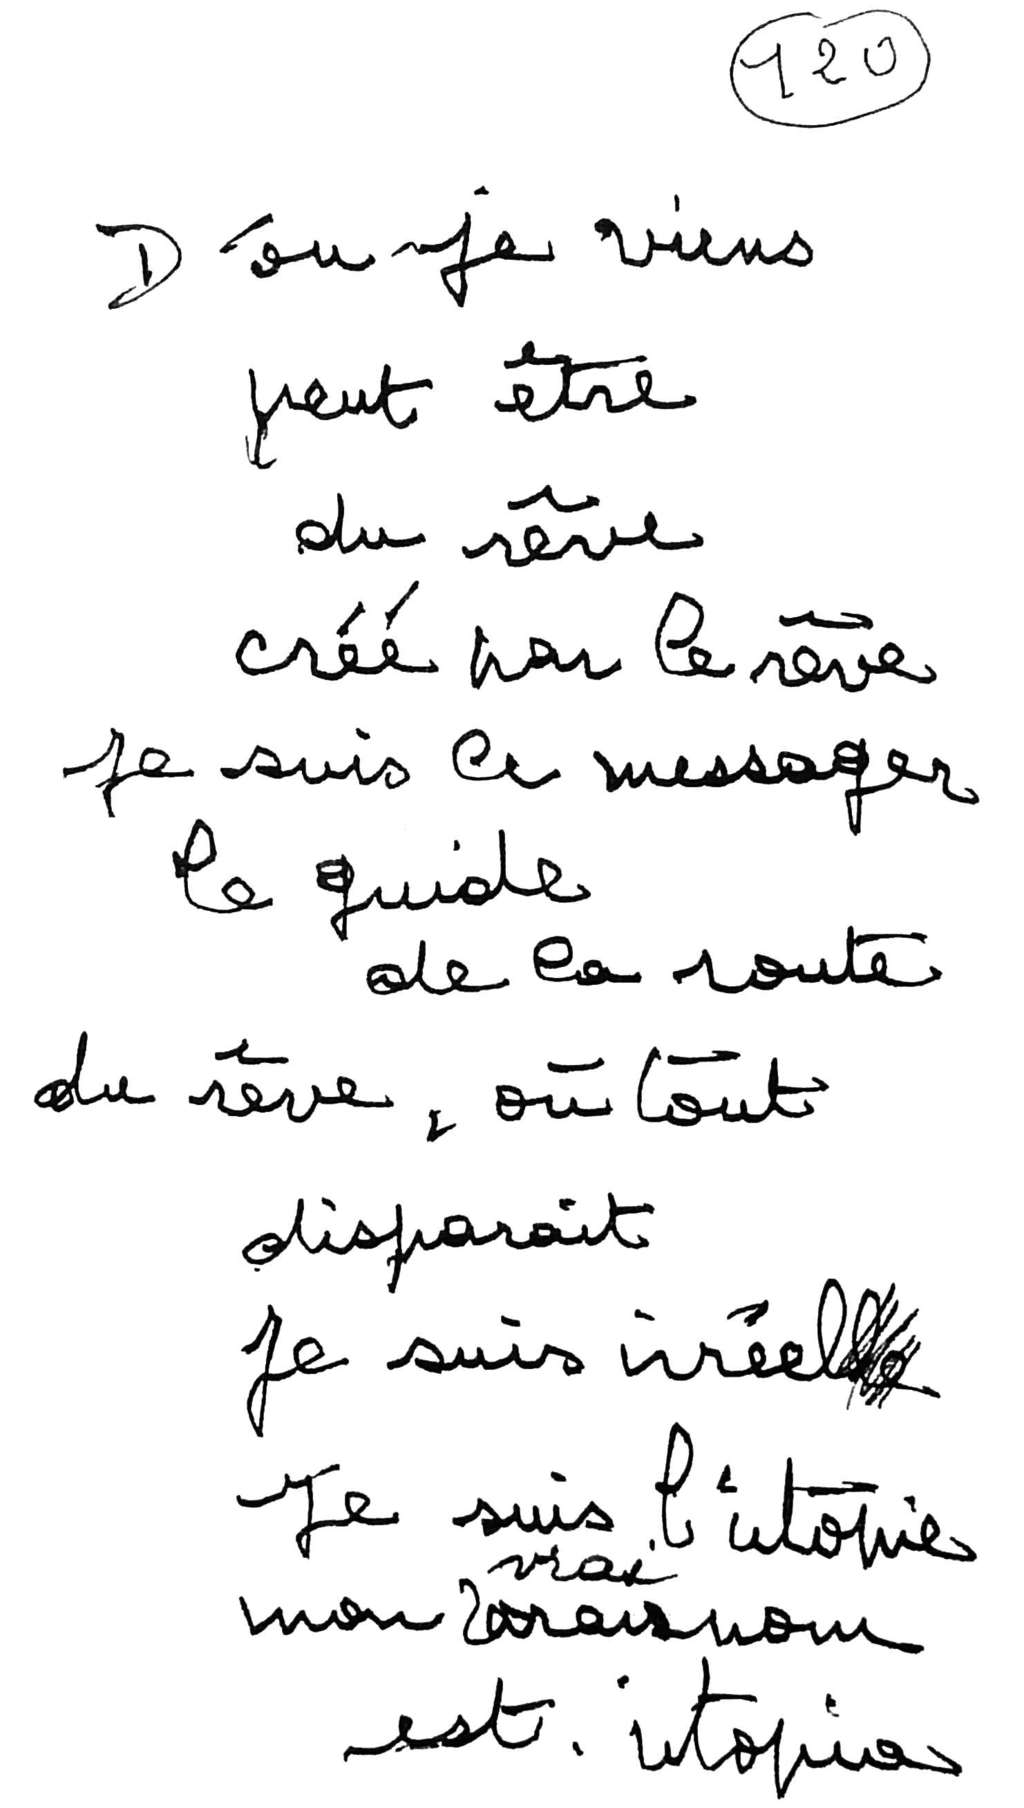 manuscrit du poème 2564